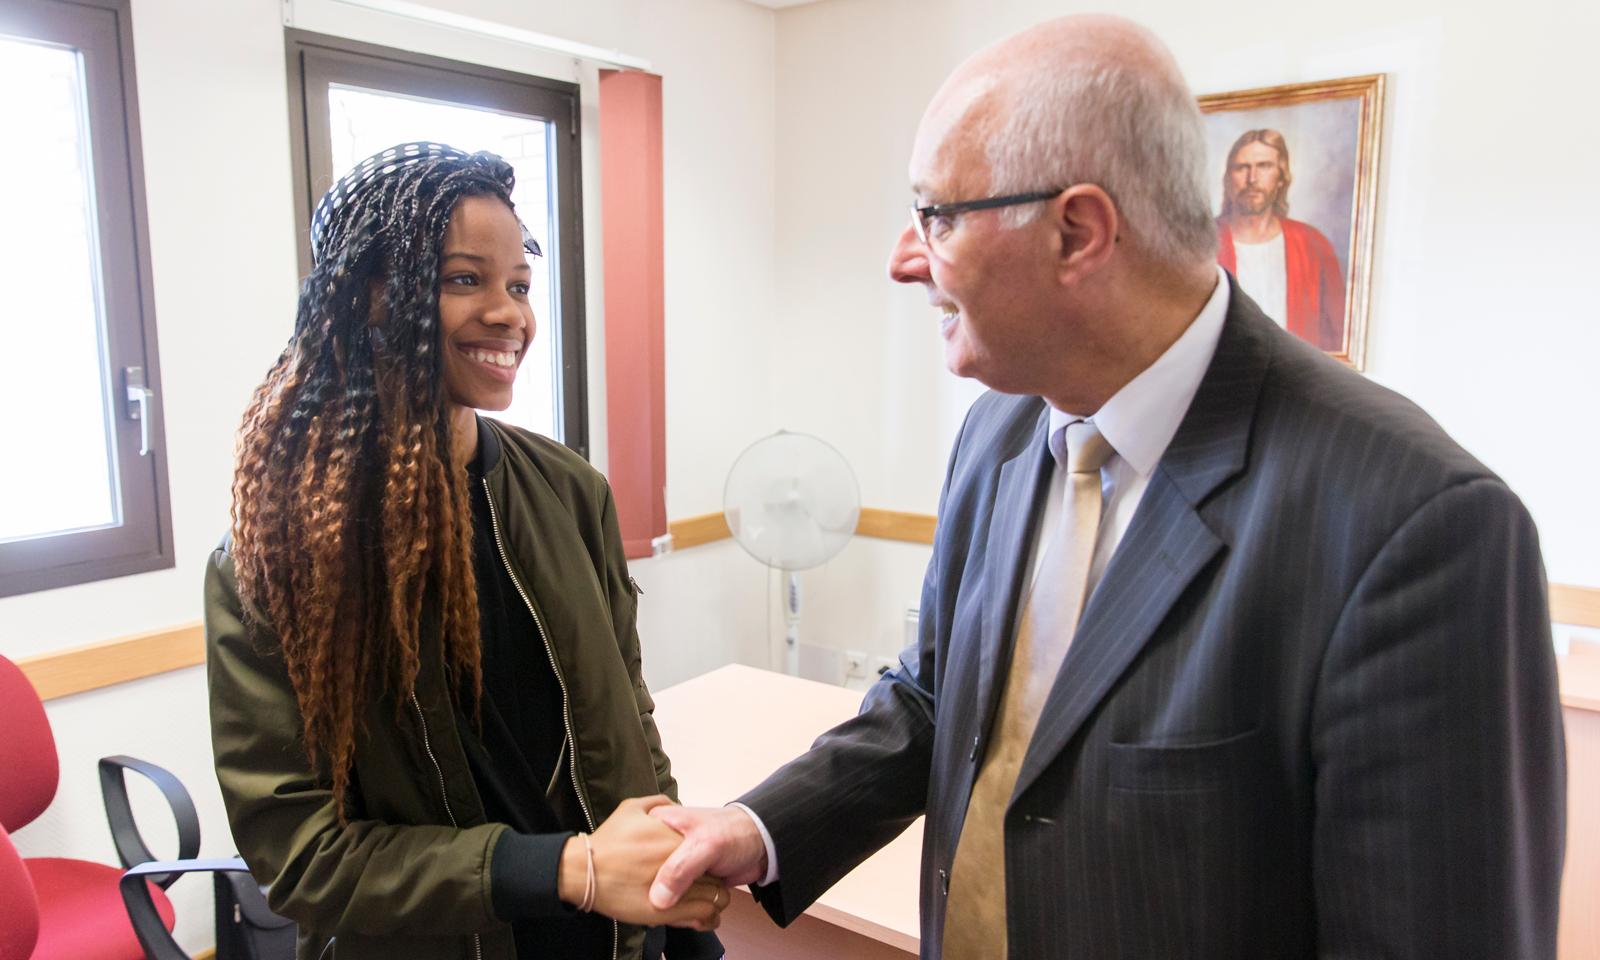 Un obispo le da la mano a una joven.  Como el presidente Russell M. Nelson enfatizó en la conferencia general de octubre, la responsabilidad principal de un obispo es cuidar a los jóvenes.